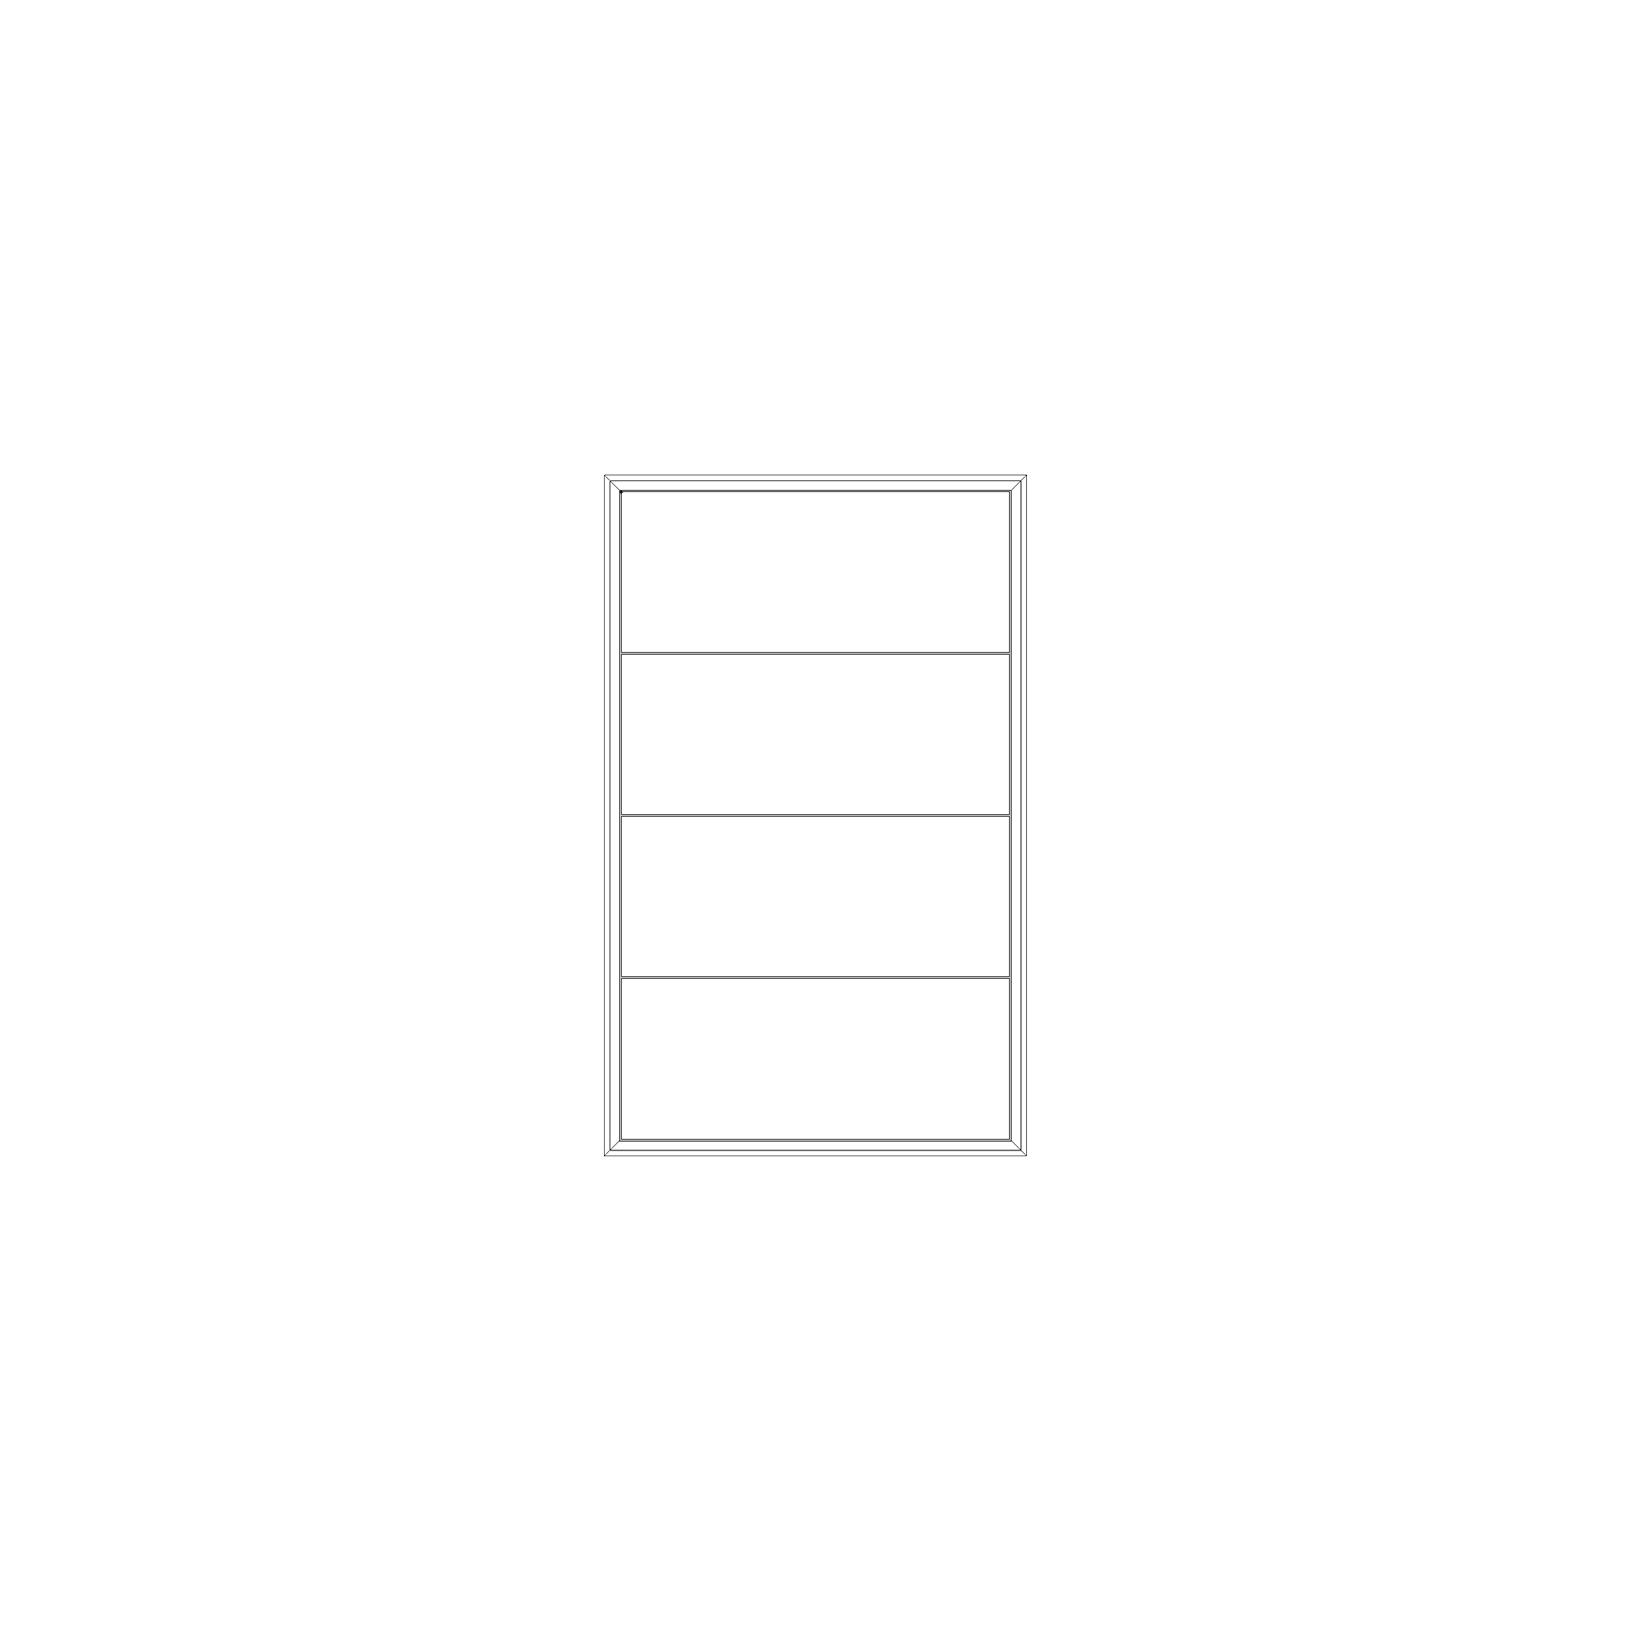 EDGE 1-SEKTION 4 lådor